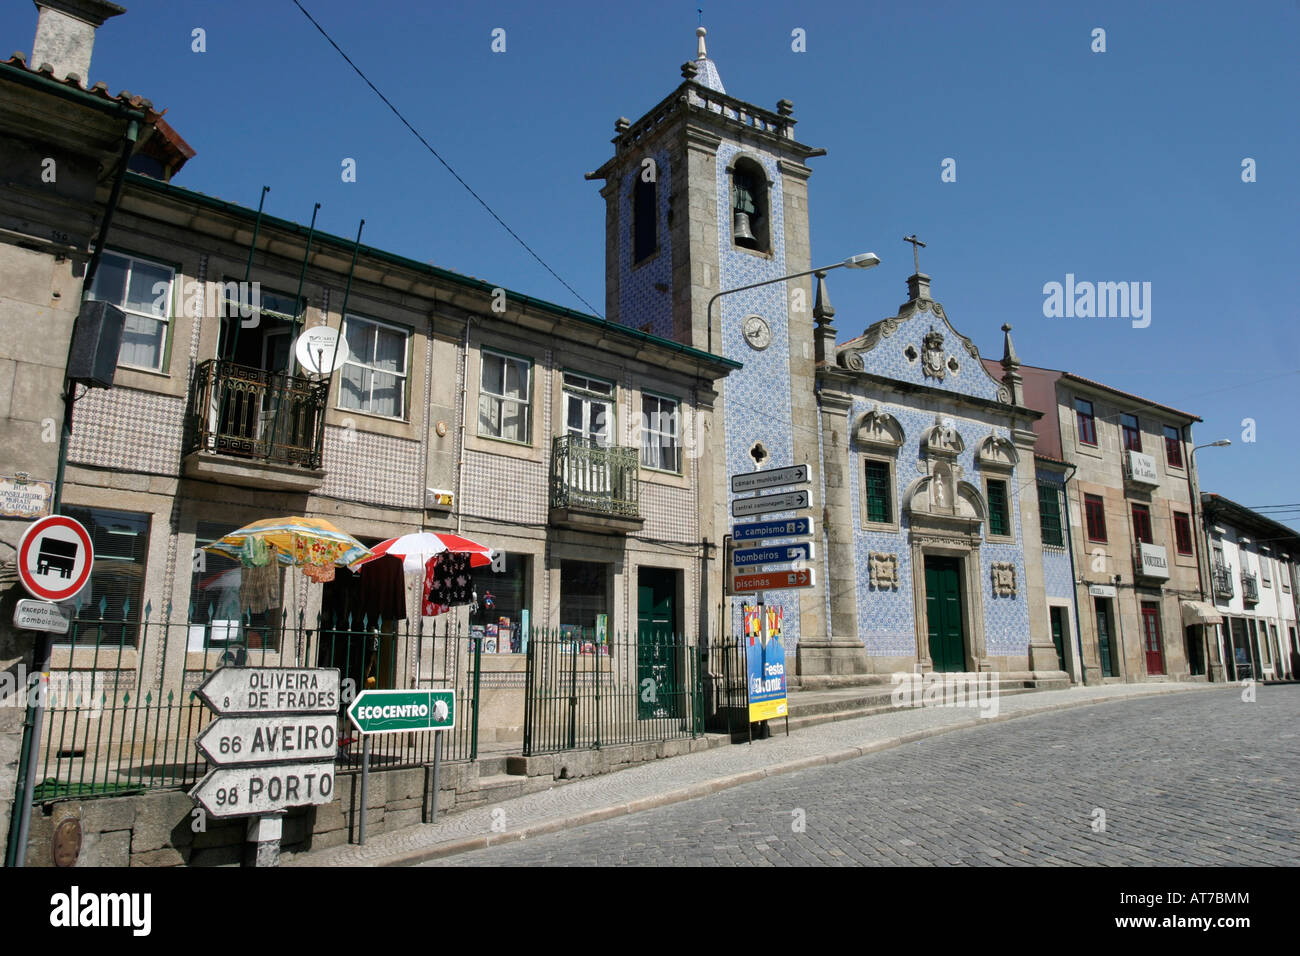 Beira Alta town of Vouzela Portugal Stock Photo 16226467 Alamy